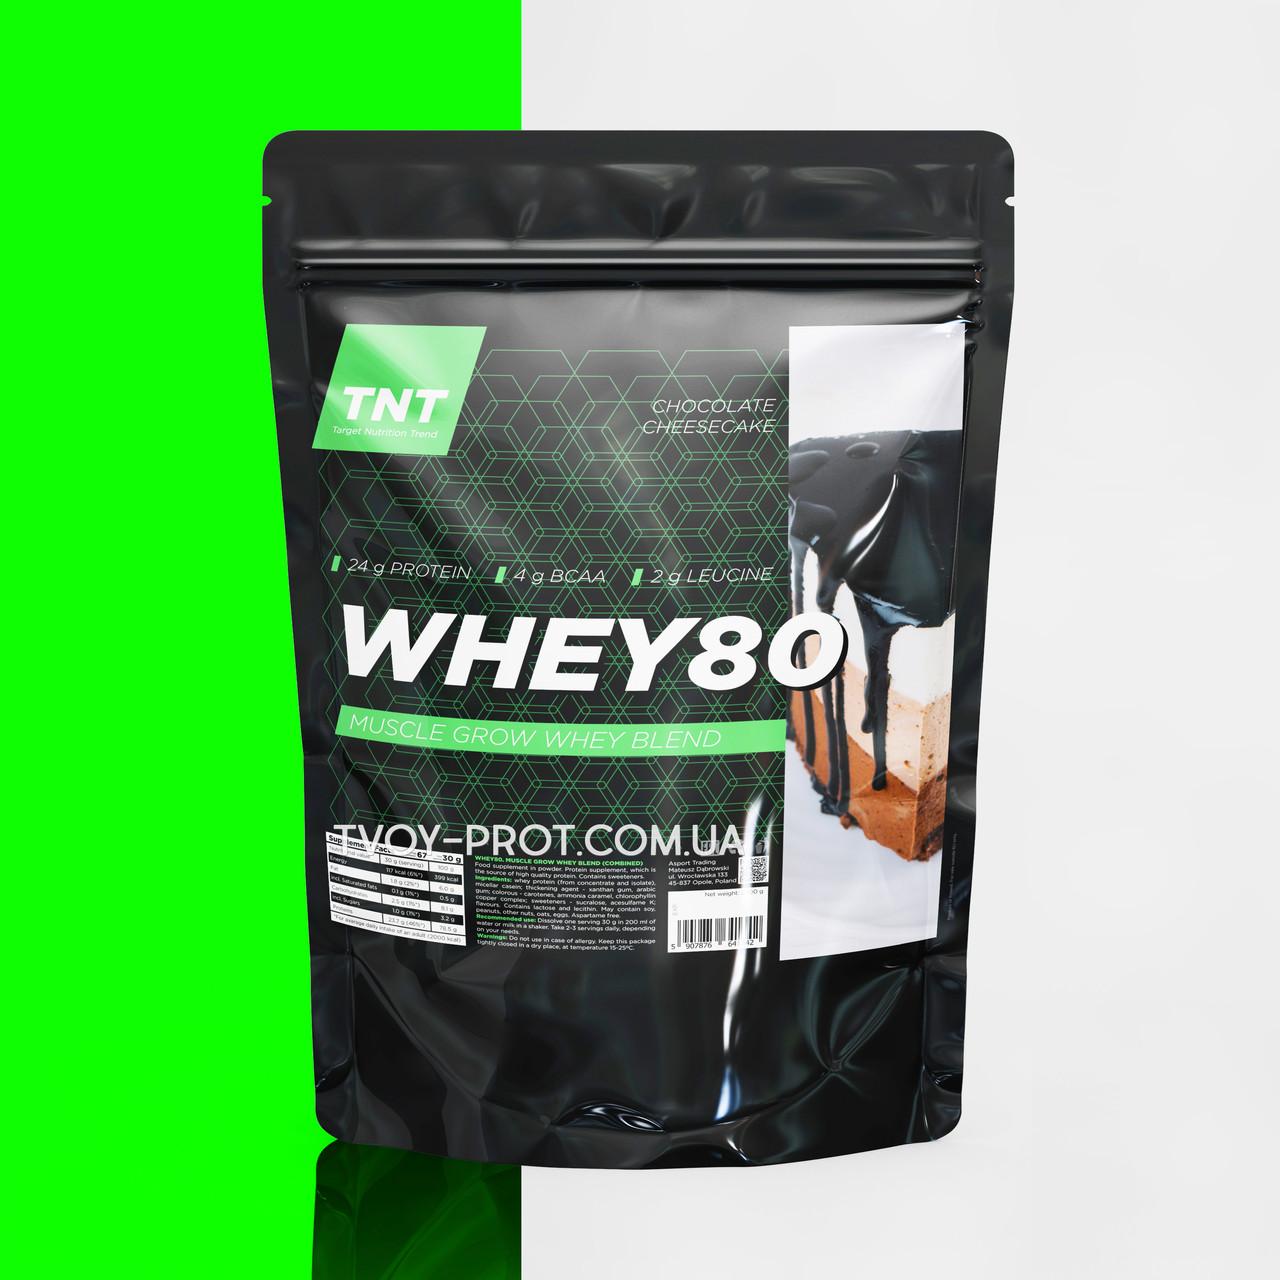 Сывороточный протеин 80% TNT Target-Nutrition-Trend 2 kg. Poland (Шоколадный чизкейк)